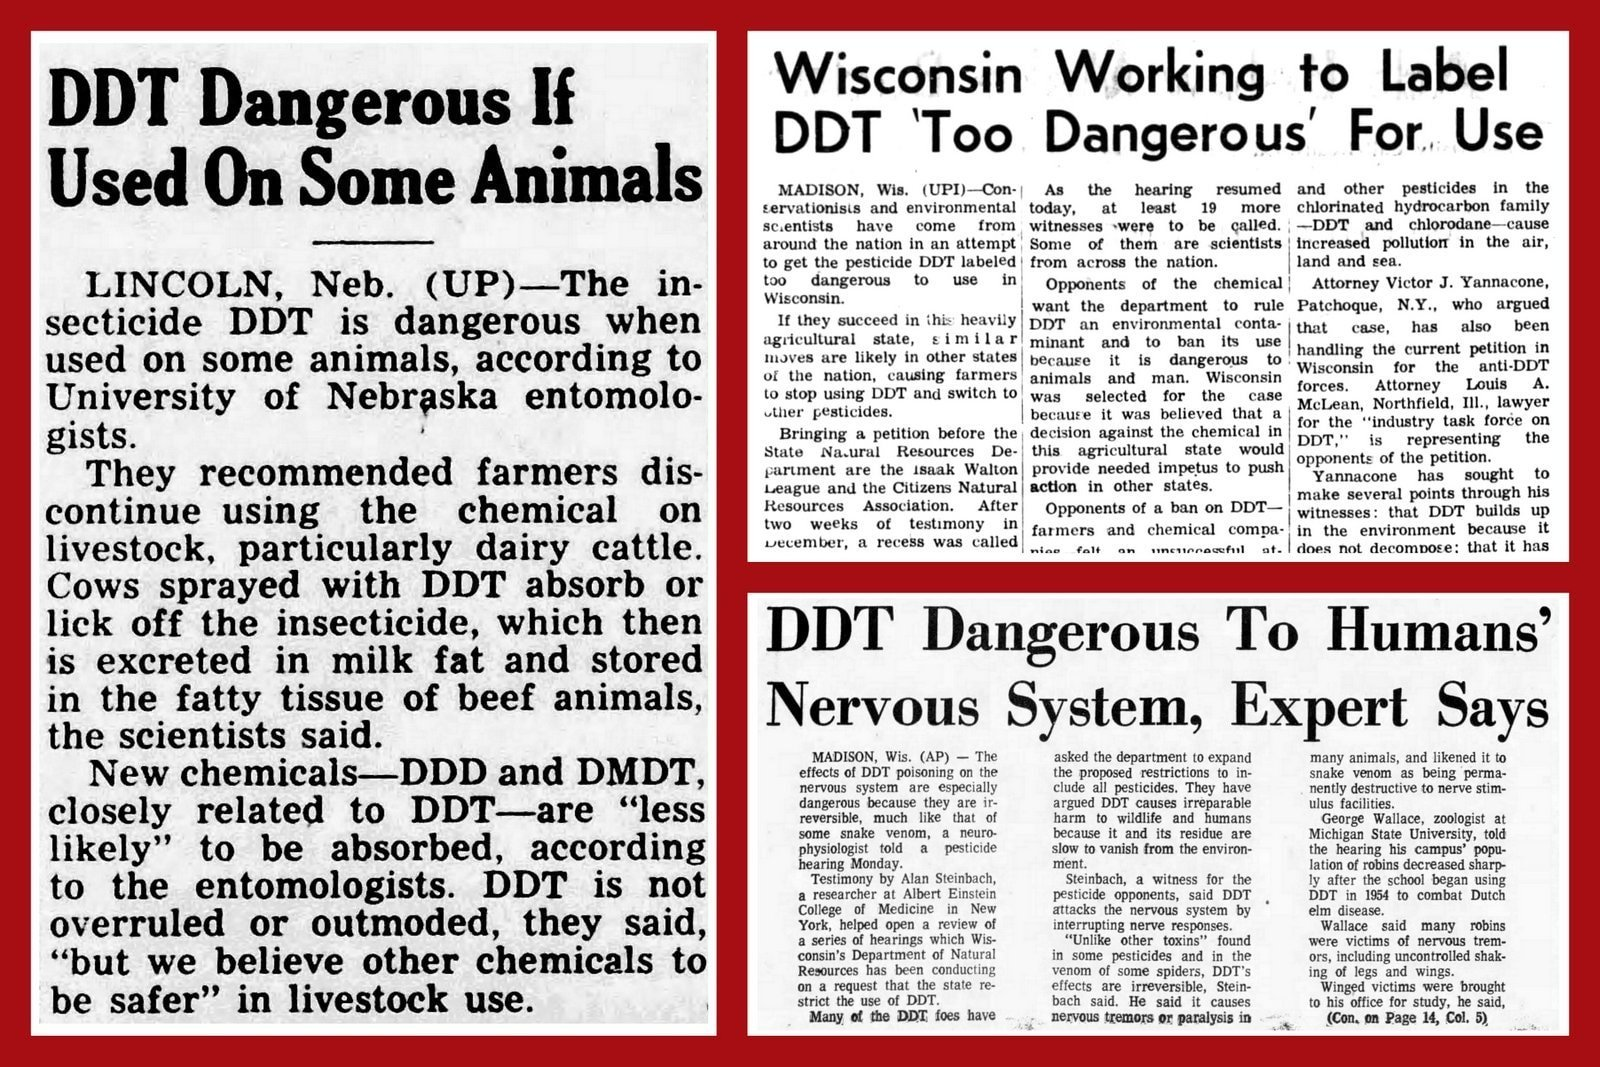 DDT dangerous - vintage newspaper stories